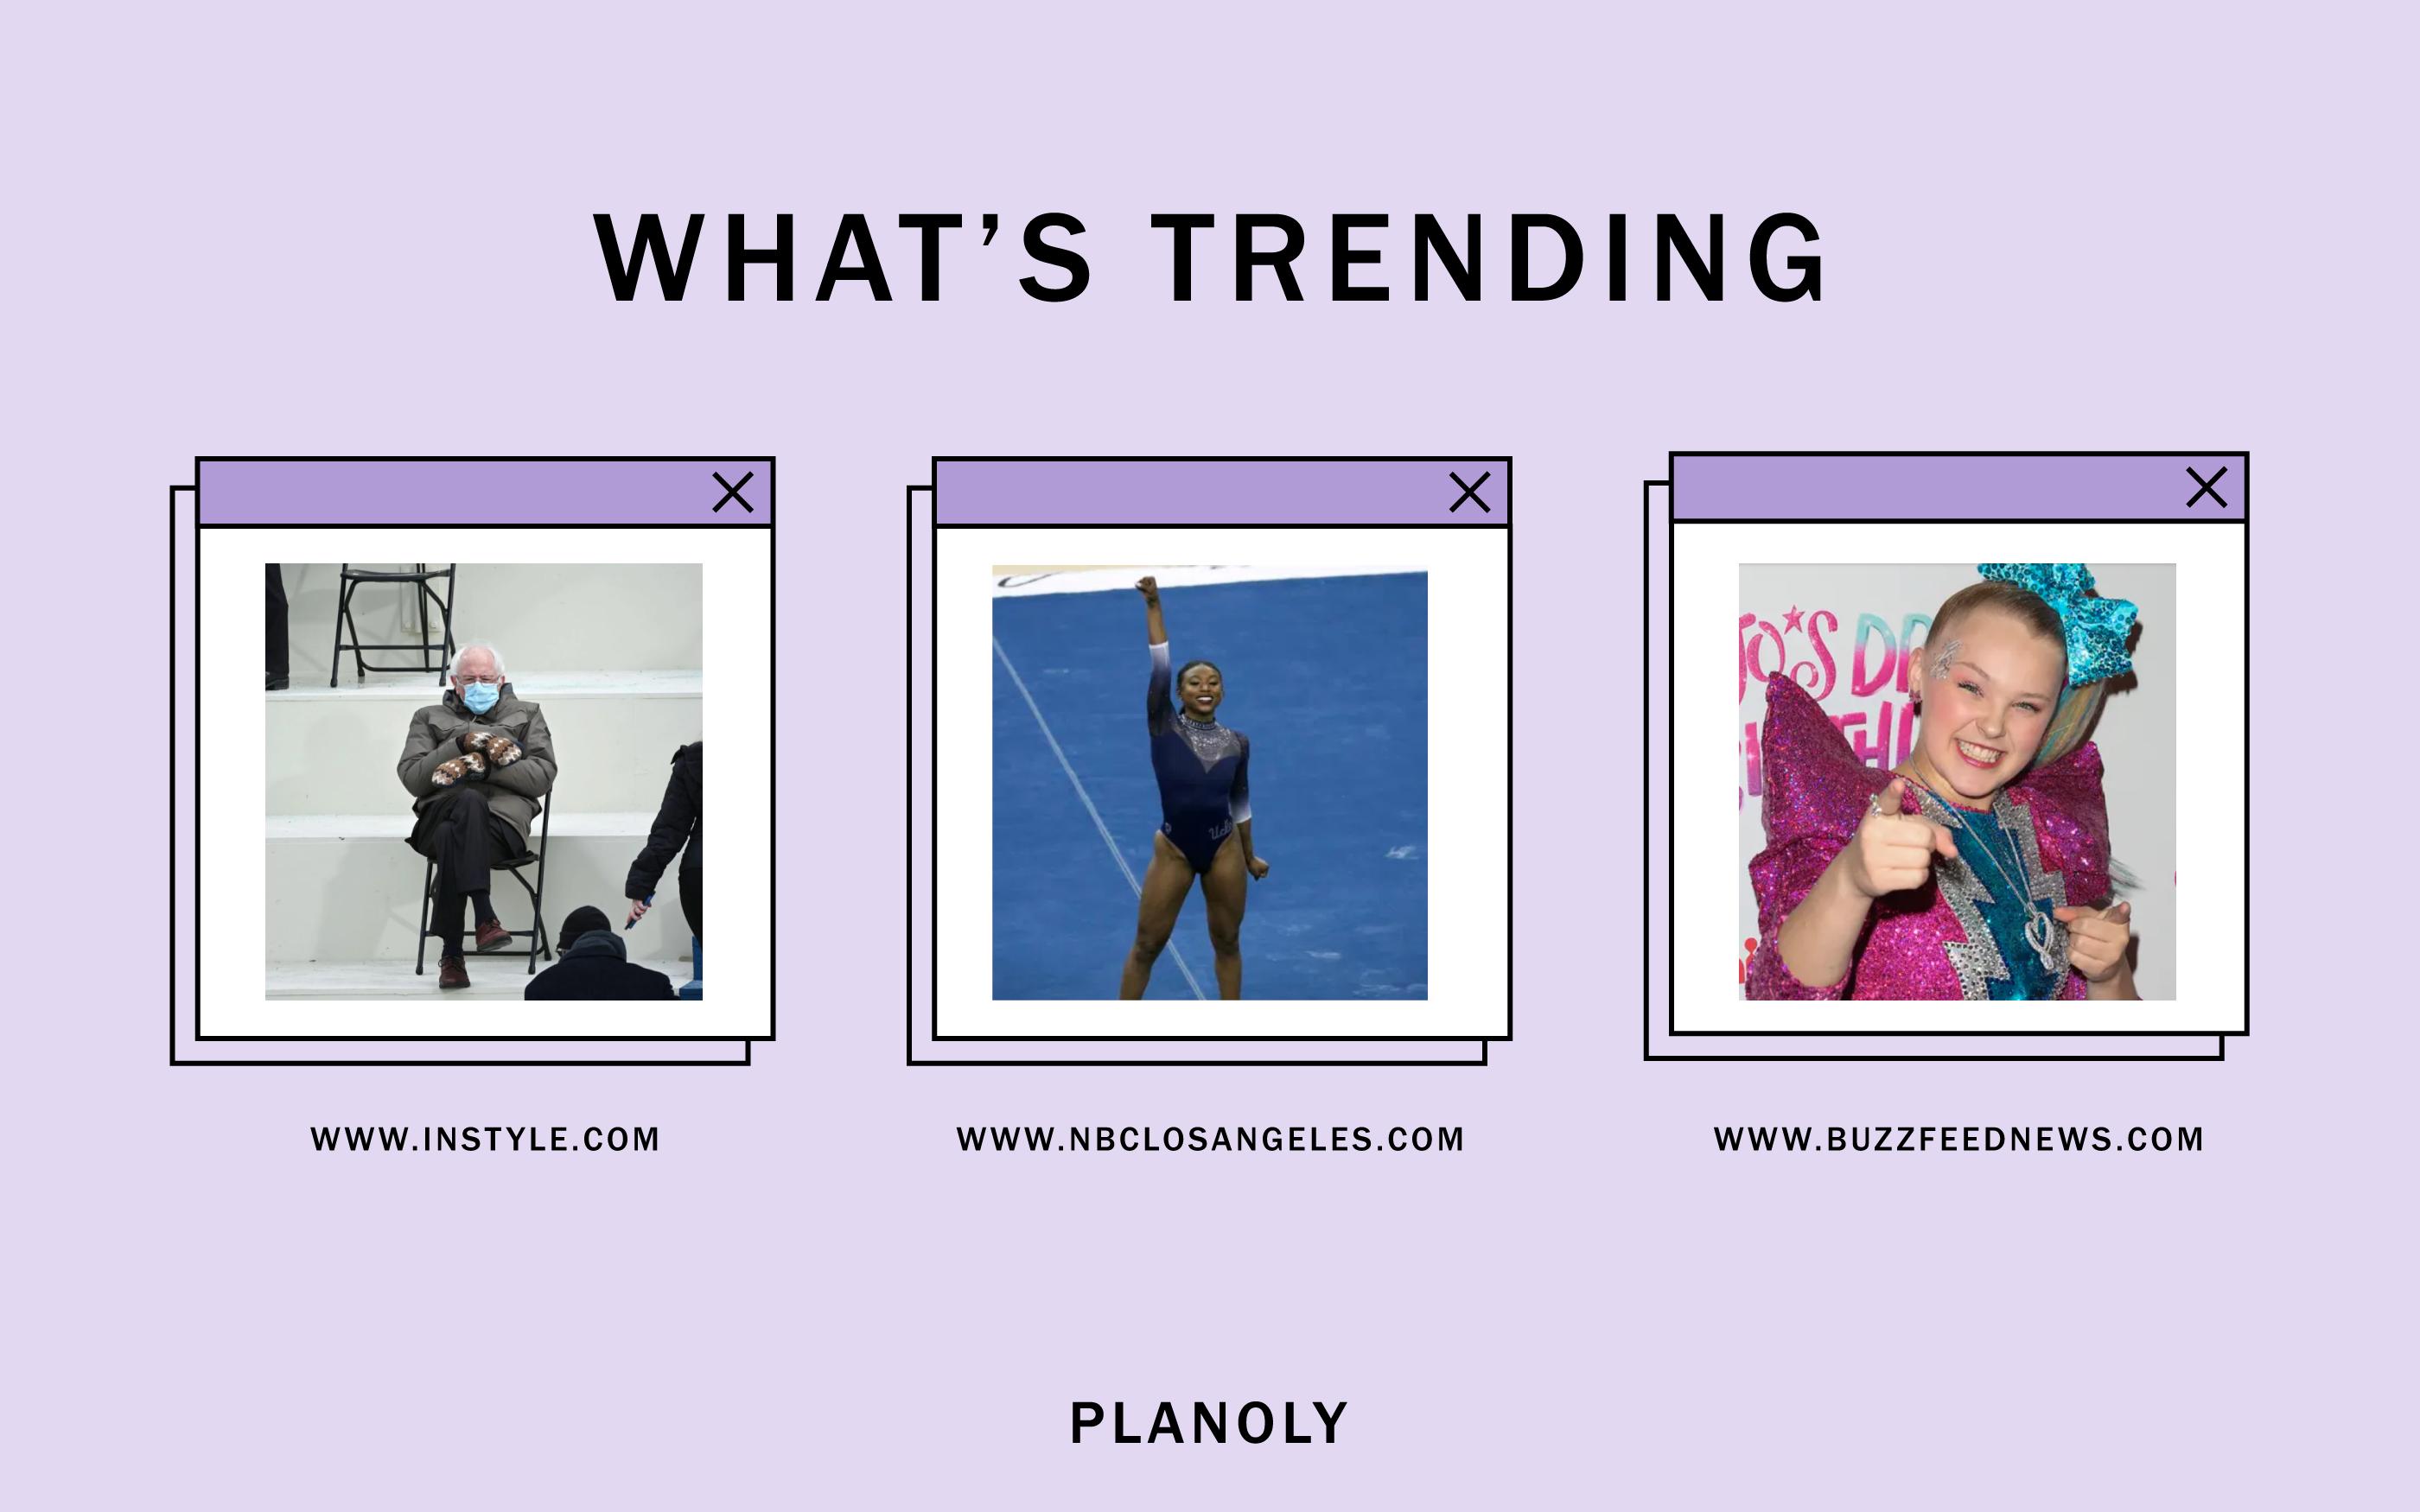 PLANOLY - Blog Post - Social Sphere - Week of 1.25.21 - Image 2